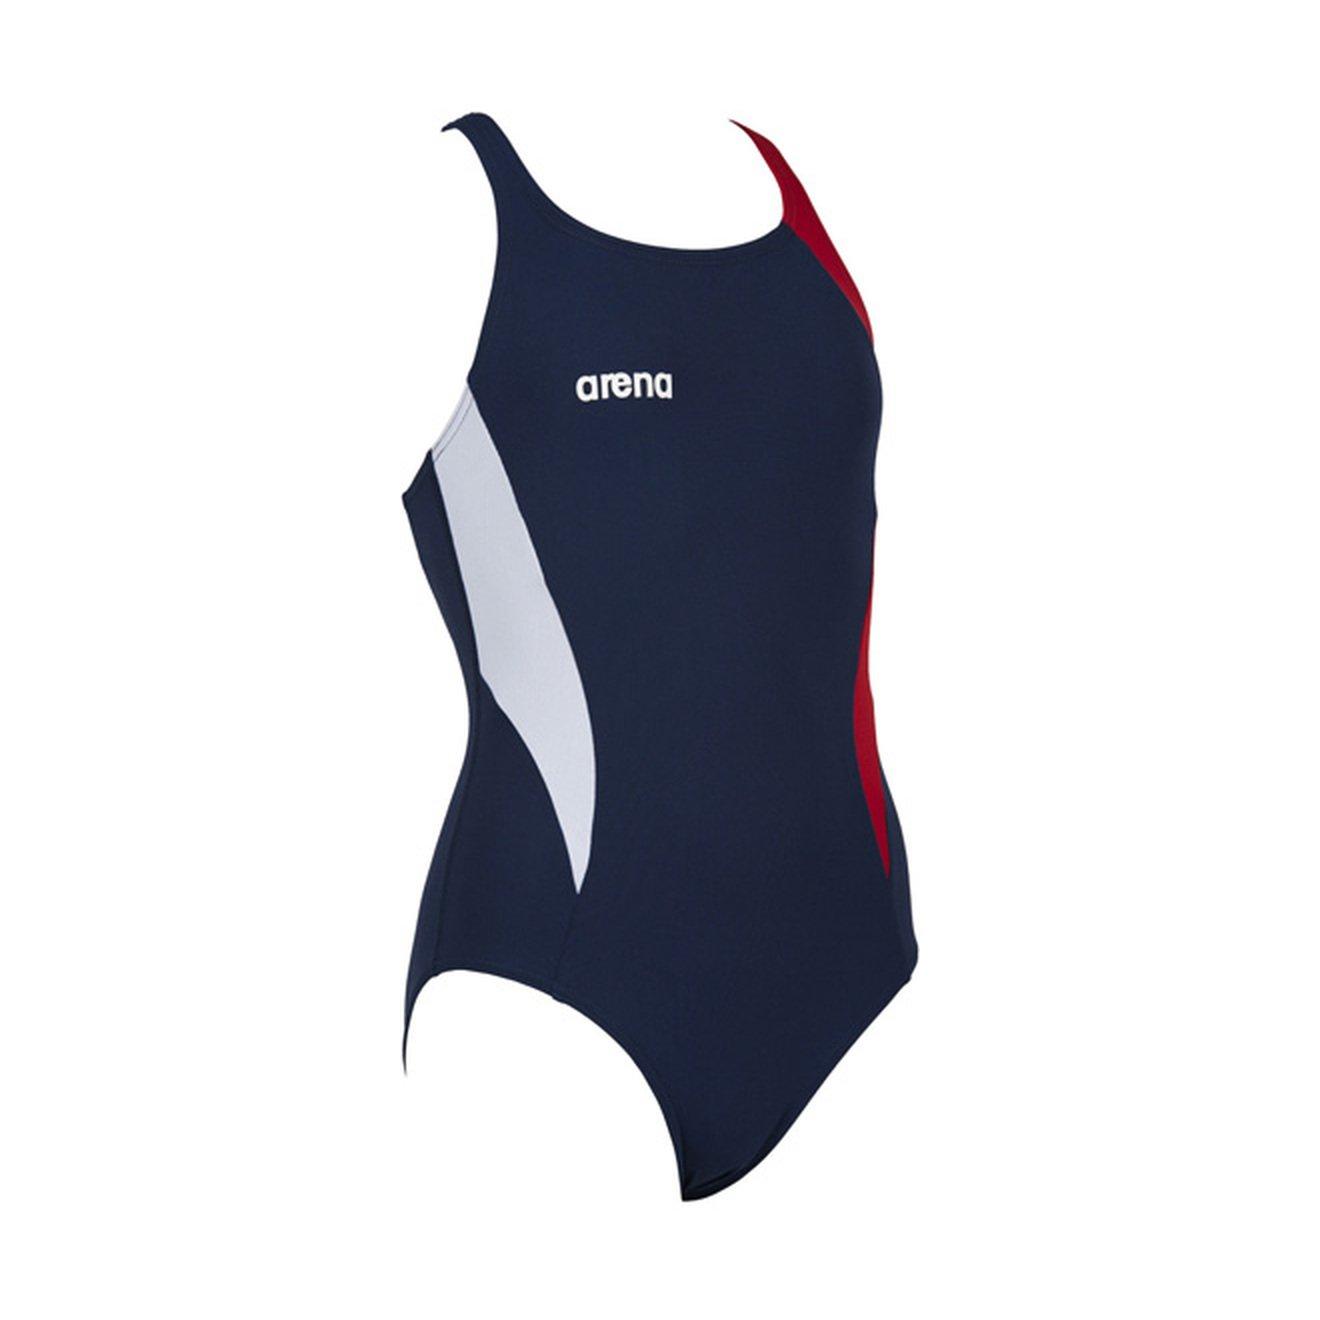 人気ブランドの Arena Directus Girls 26 Directus One Piece Swim Suit Suit 26 レッド/ホワイト/ブルー B01M0G7J9W, ドレスコスチュームのイースタイル:e218f90e --- vezam.lt